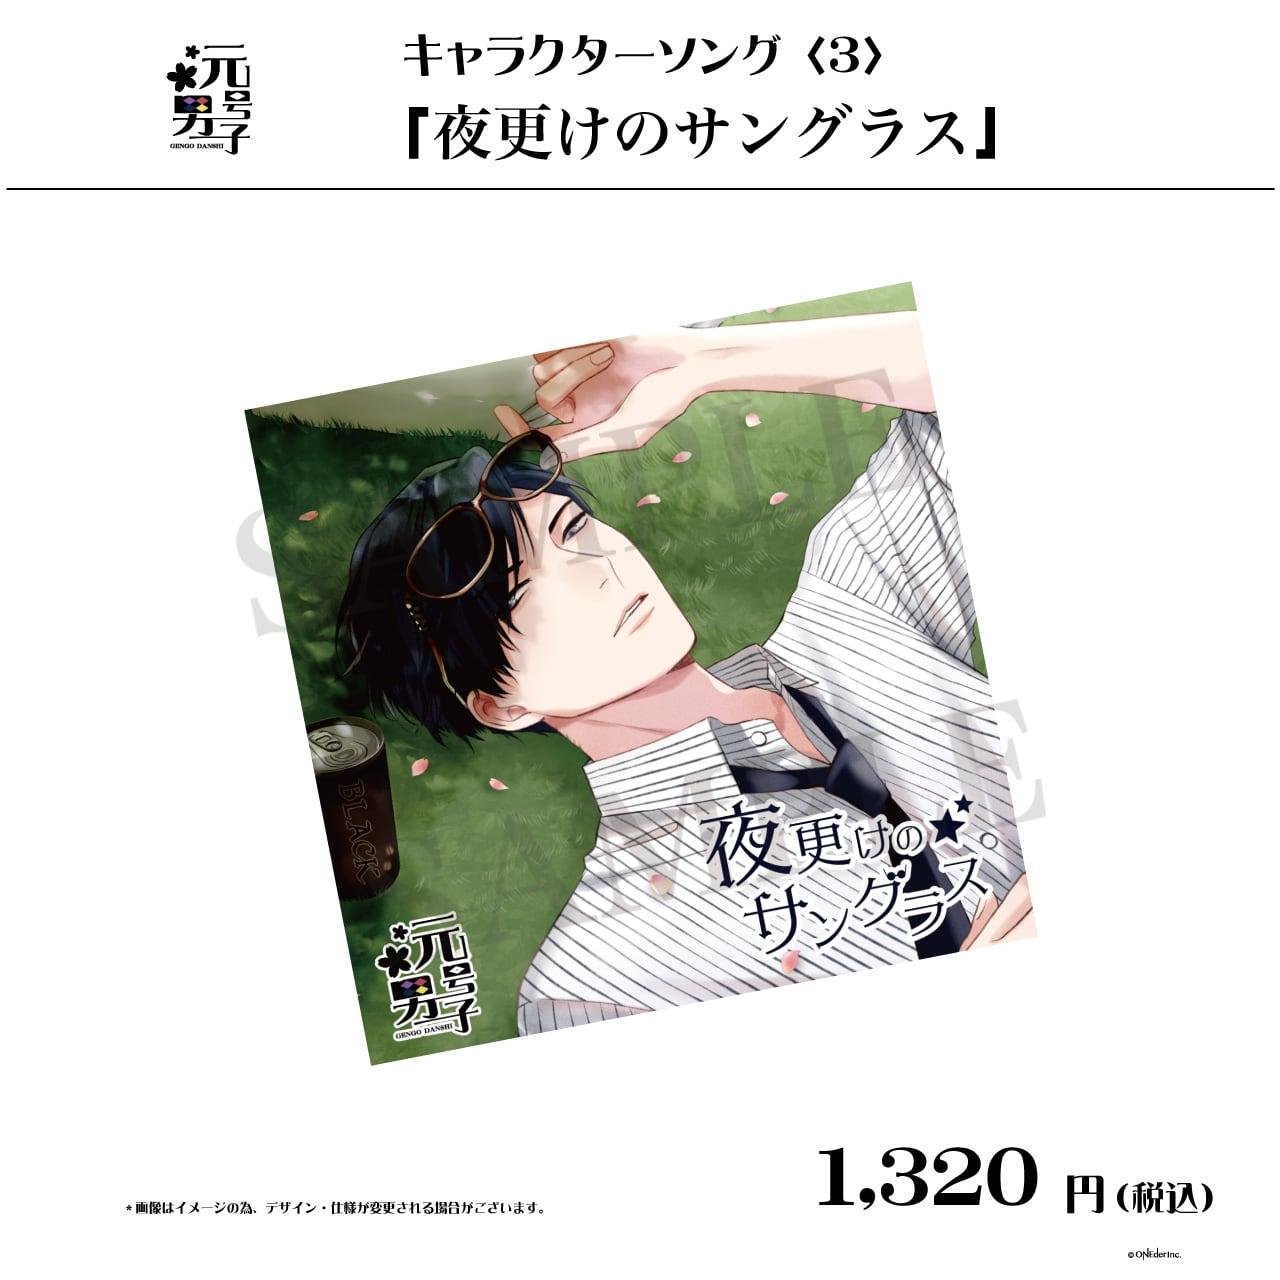 【予約商品同梱】【購入特典付】元号男子キャラクターソング〈3〉 「夜更けのサングラス」